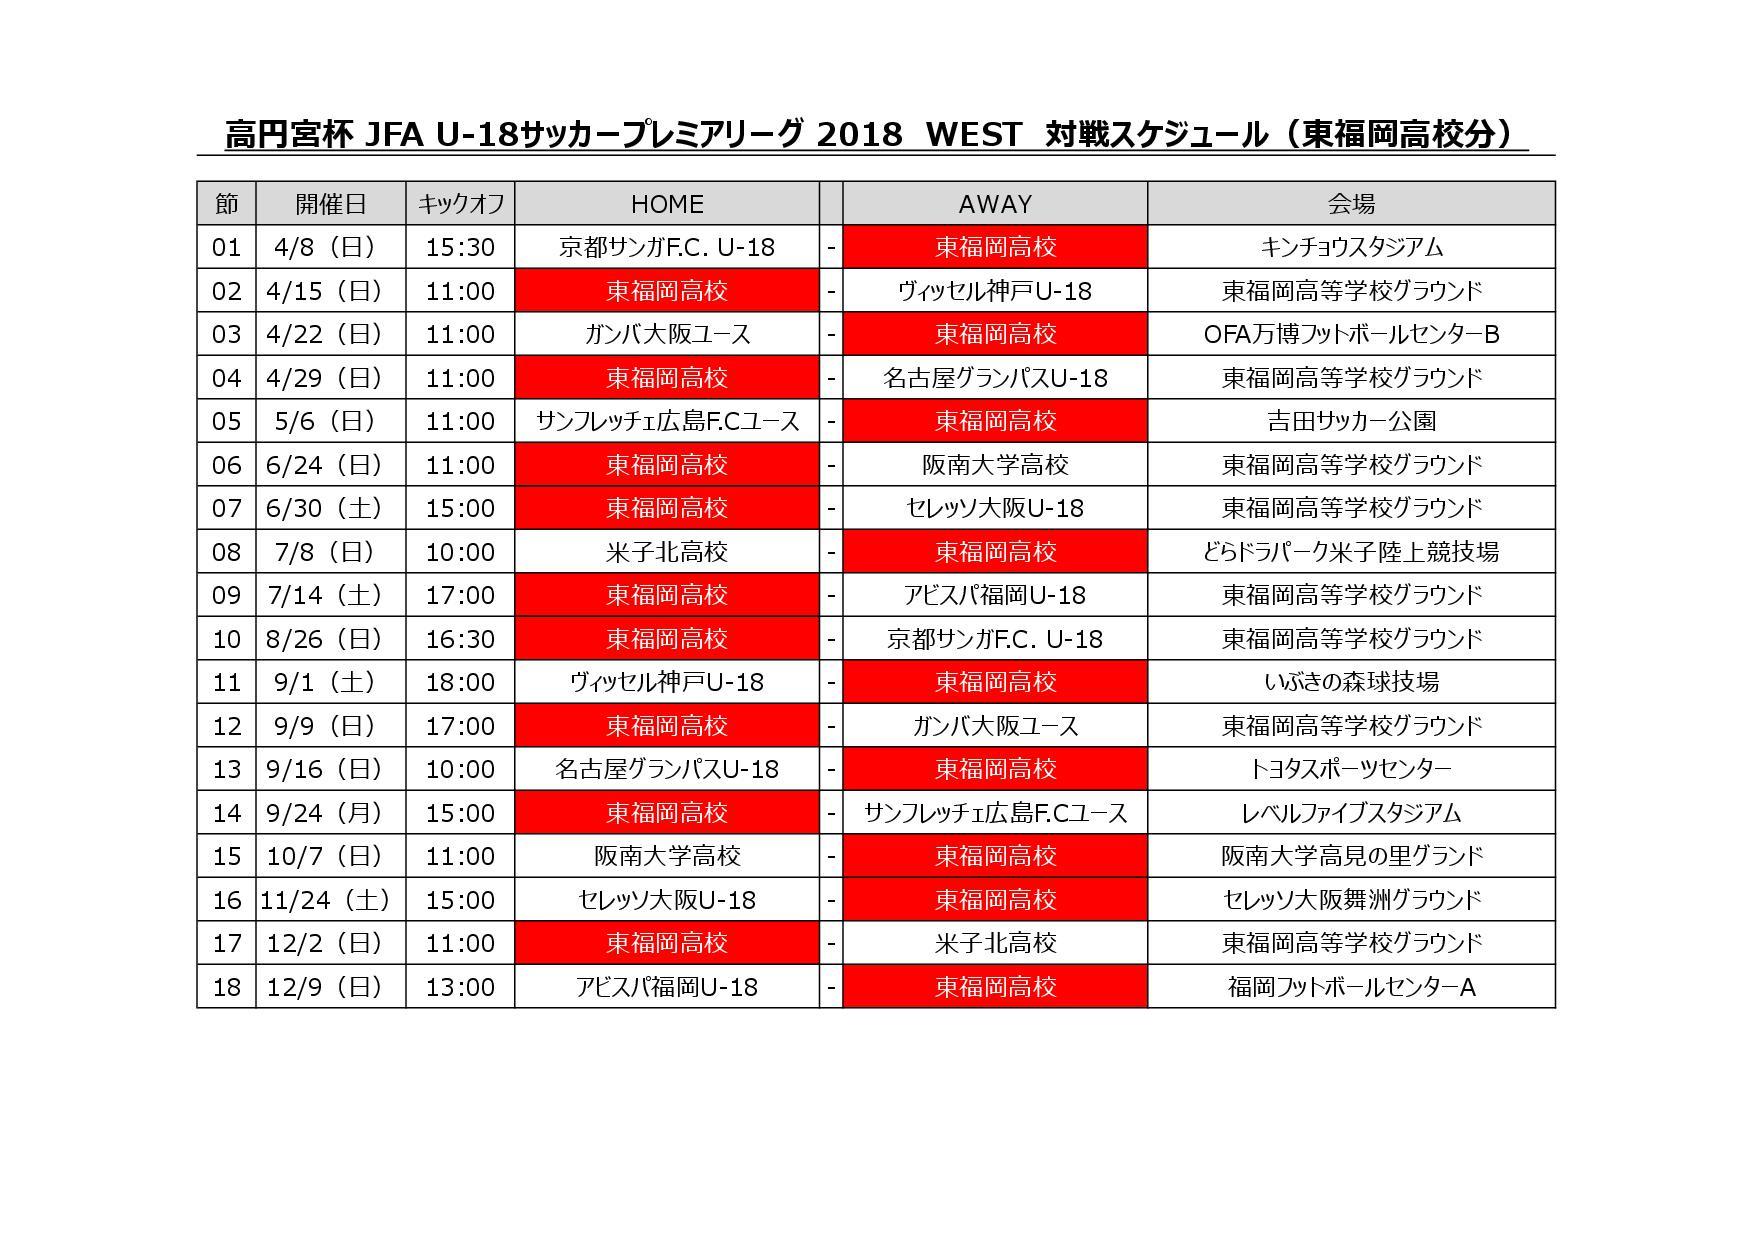 高円宮杯プレミアリーグWEST2018